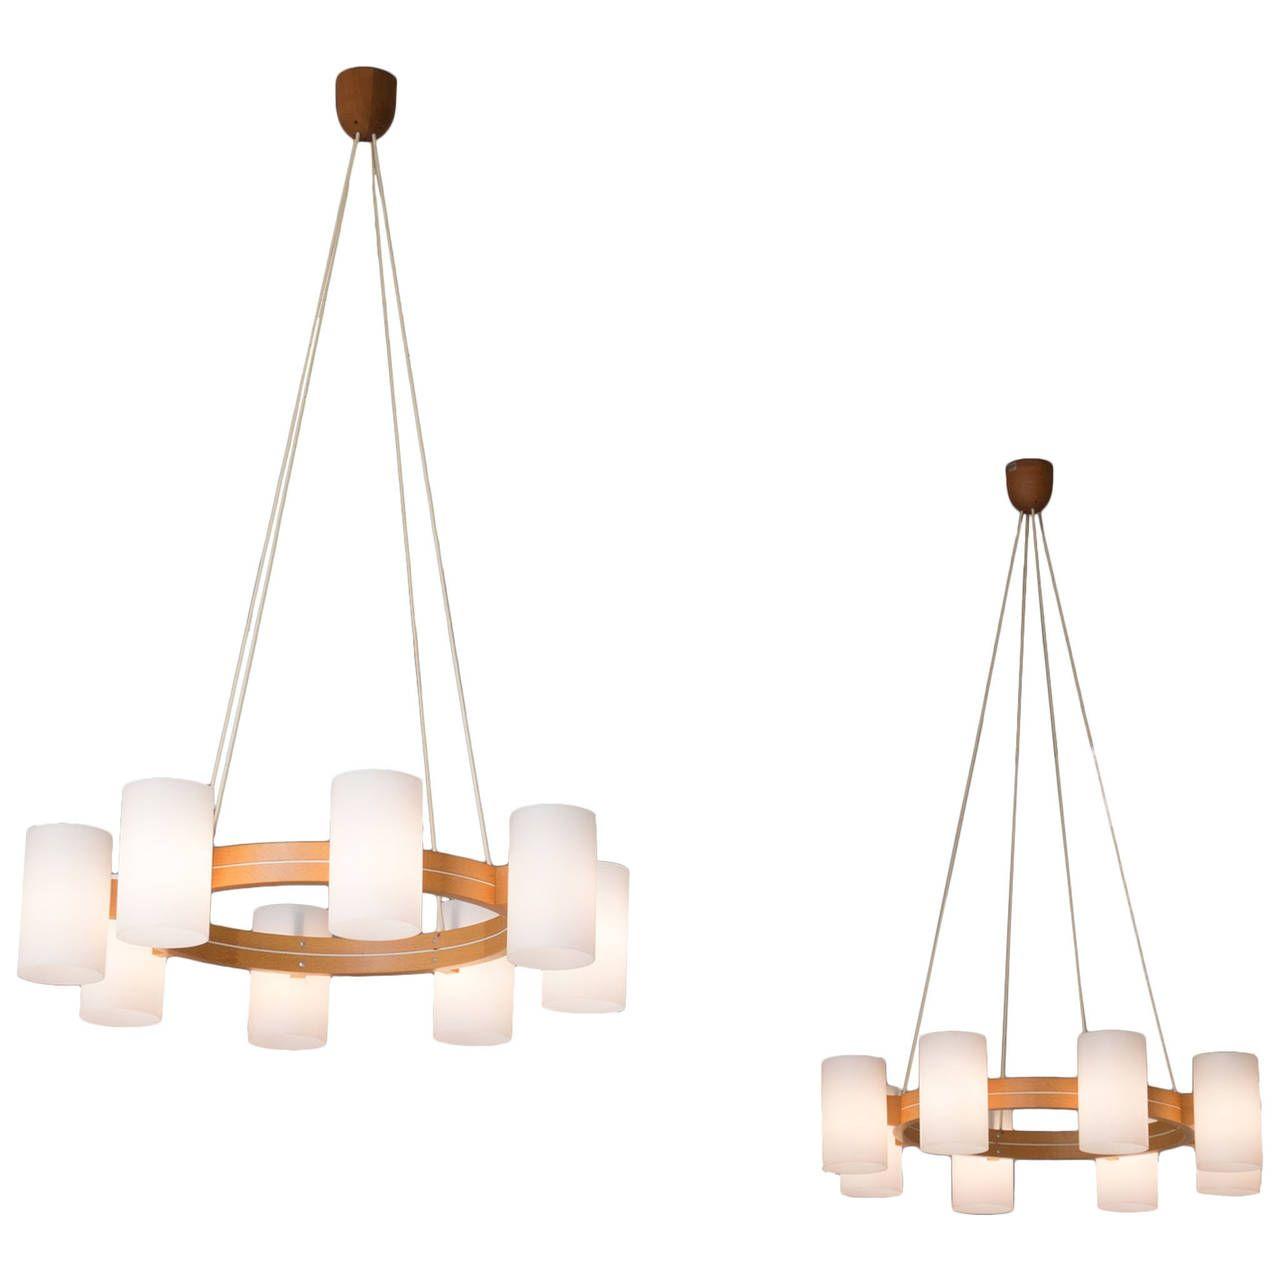 Set of two scandinavian chandeliers by luxus scandinavian